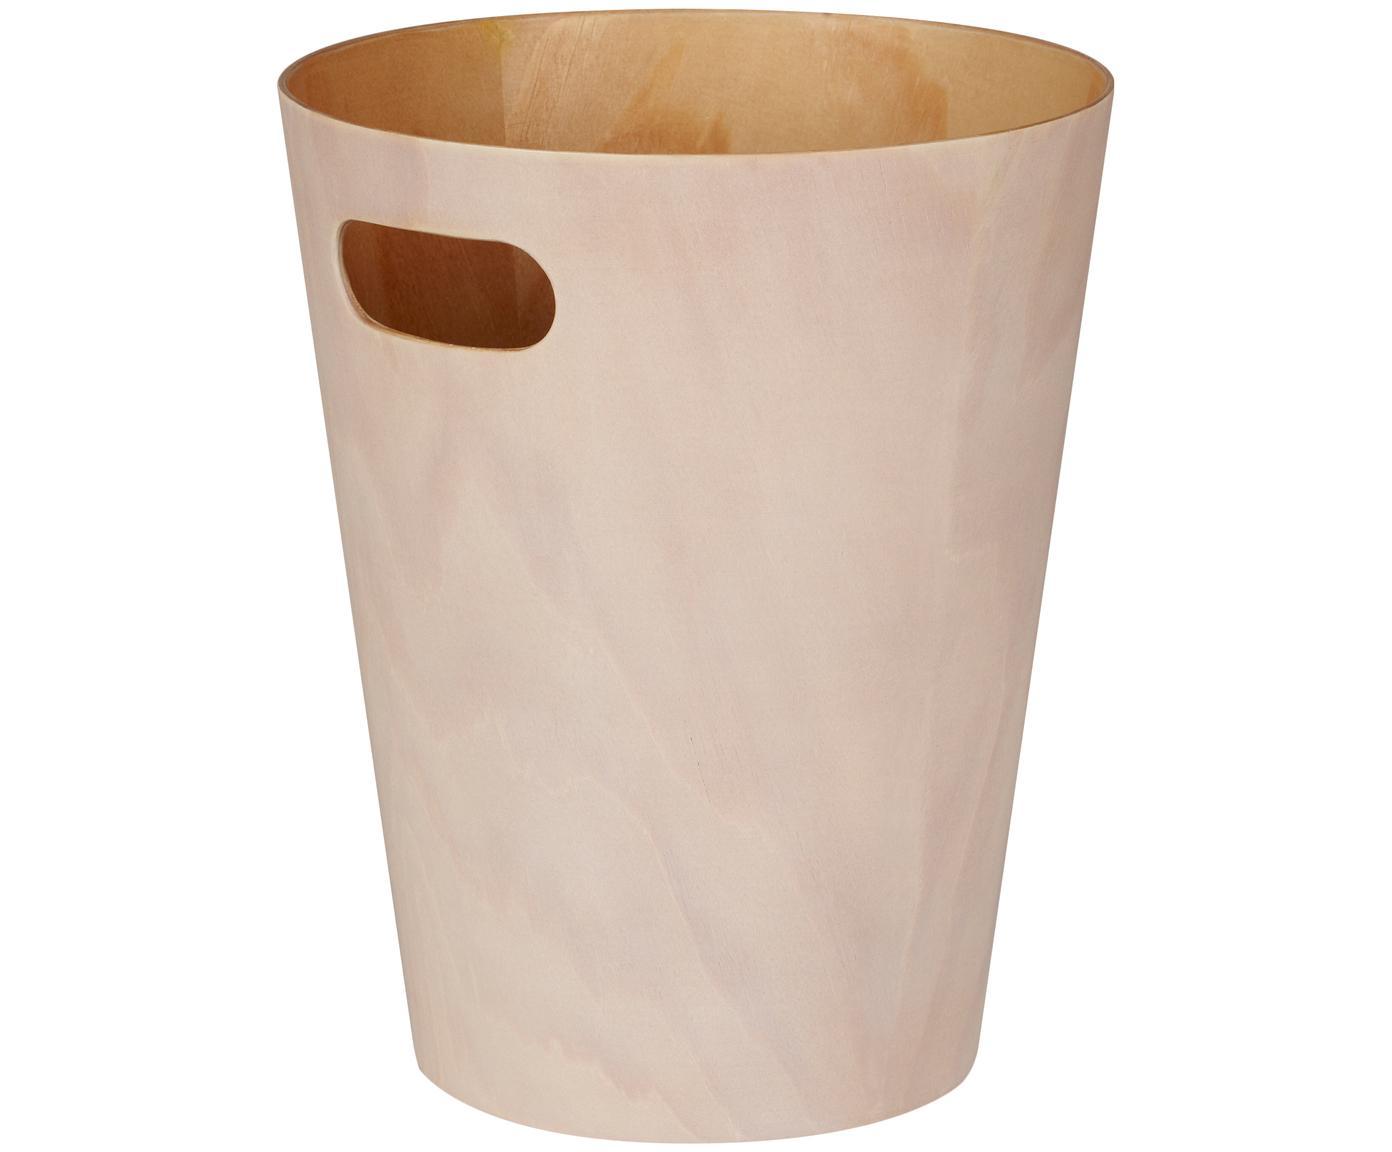 PapeleraWoodrow Can, Madera pintada, Crema, Ø 23 x Al 28 cm